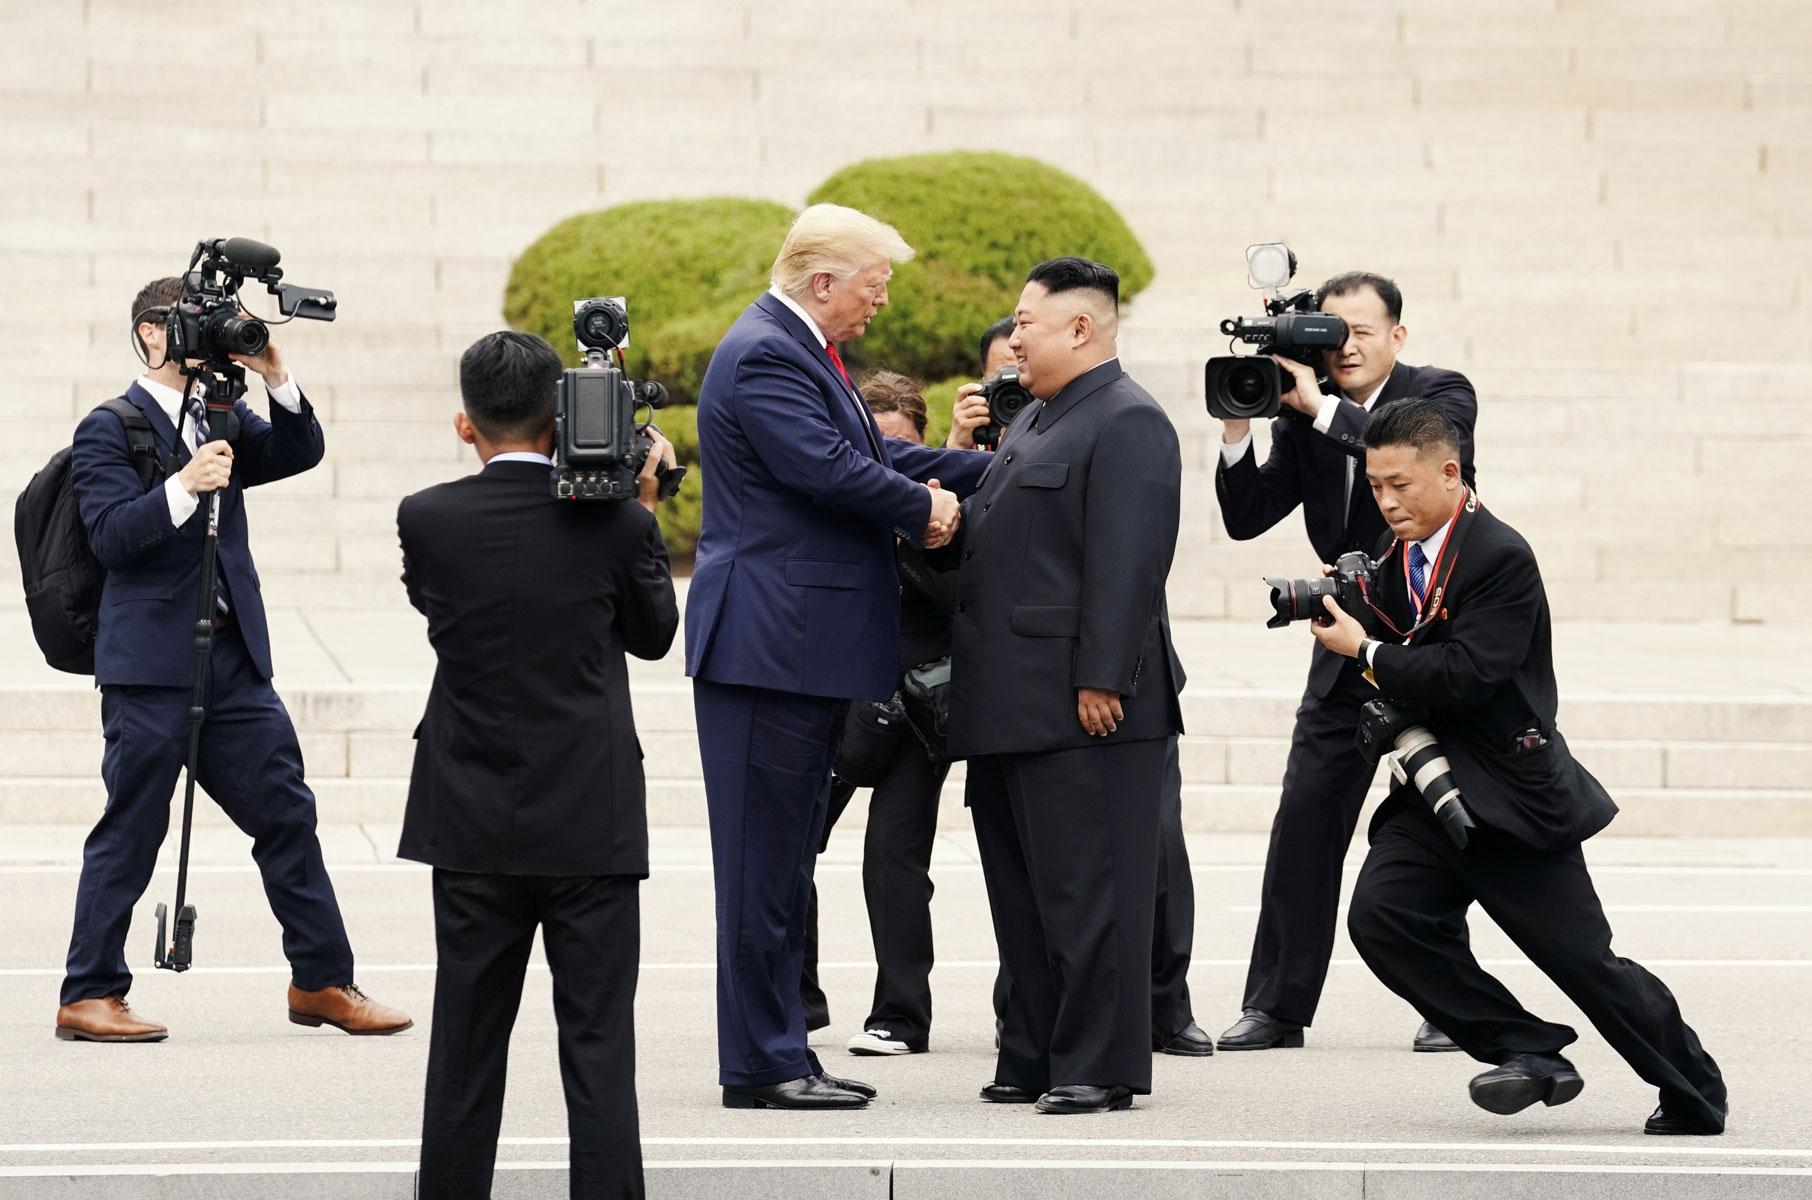 Лидеры США иКНДР Дональд Трамп иКим Чен Ын провели встречу вдемилитаризованной зоне награнице двух Корей. После обмена рукопожатиями Трамп поприглашению Ким Чен Ына пересек границу, став первым вистории действующим президентом США, оказавшимся натерритории Северной Кореи.